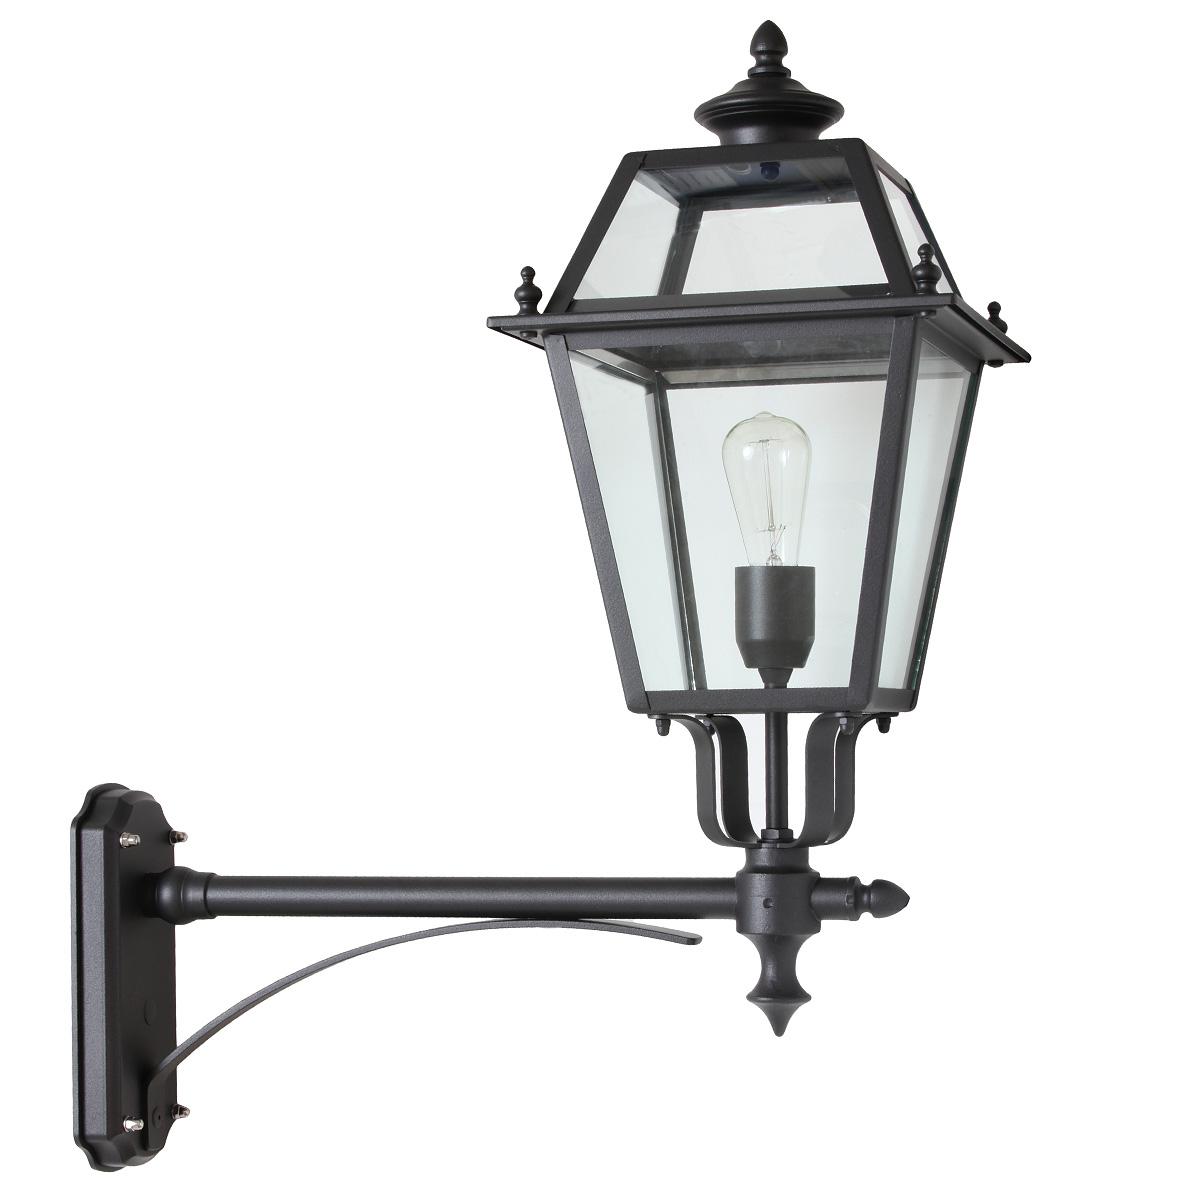 klassische au enleuchten aus edelstahl und v2a stahl lumi leuchten. Black Bedroom Furniture Sets. Home Design Ideas